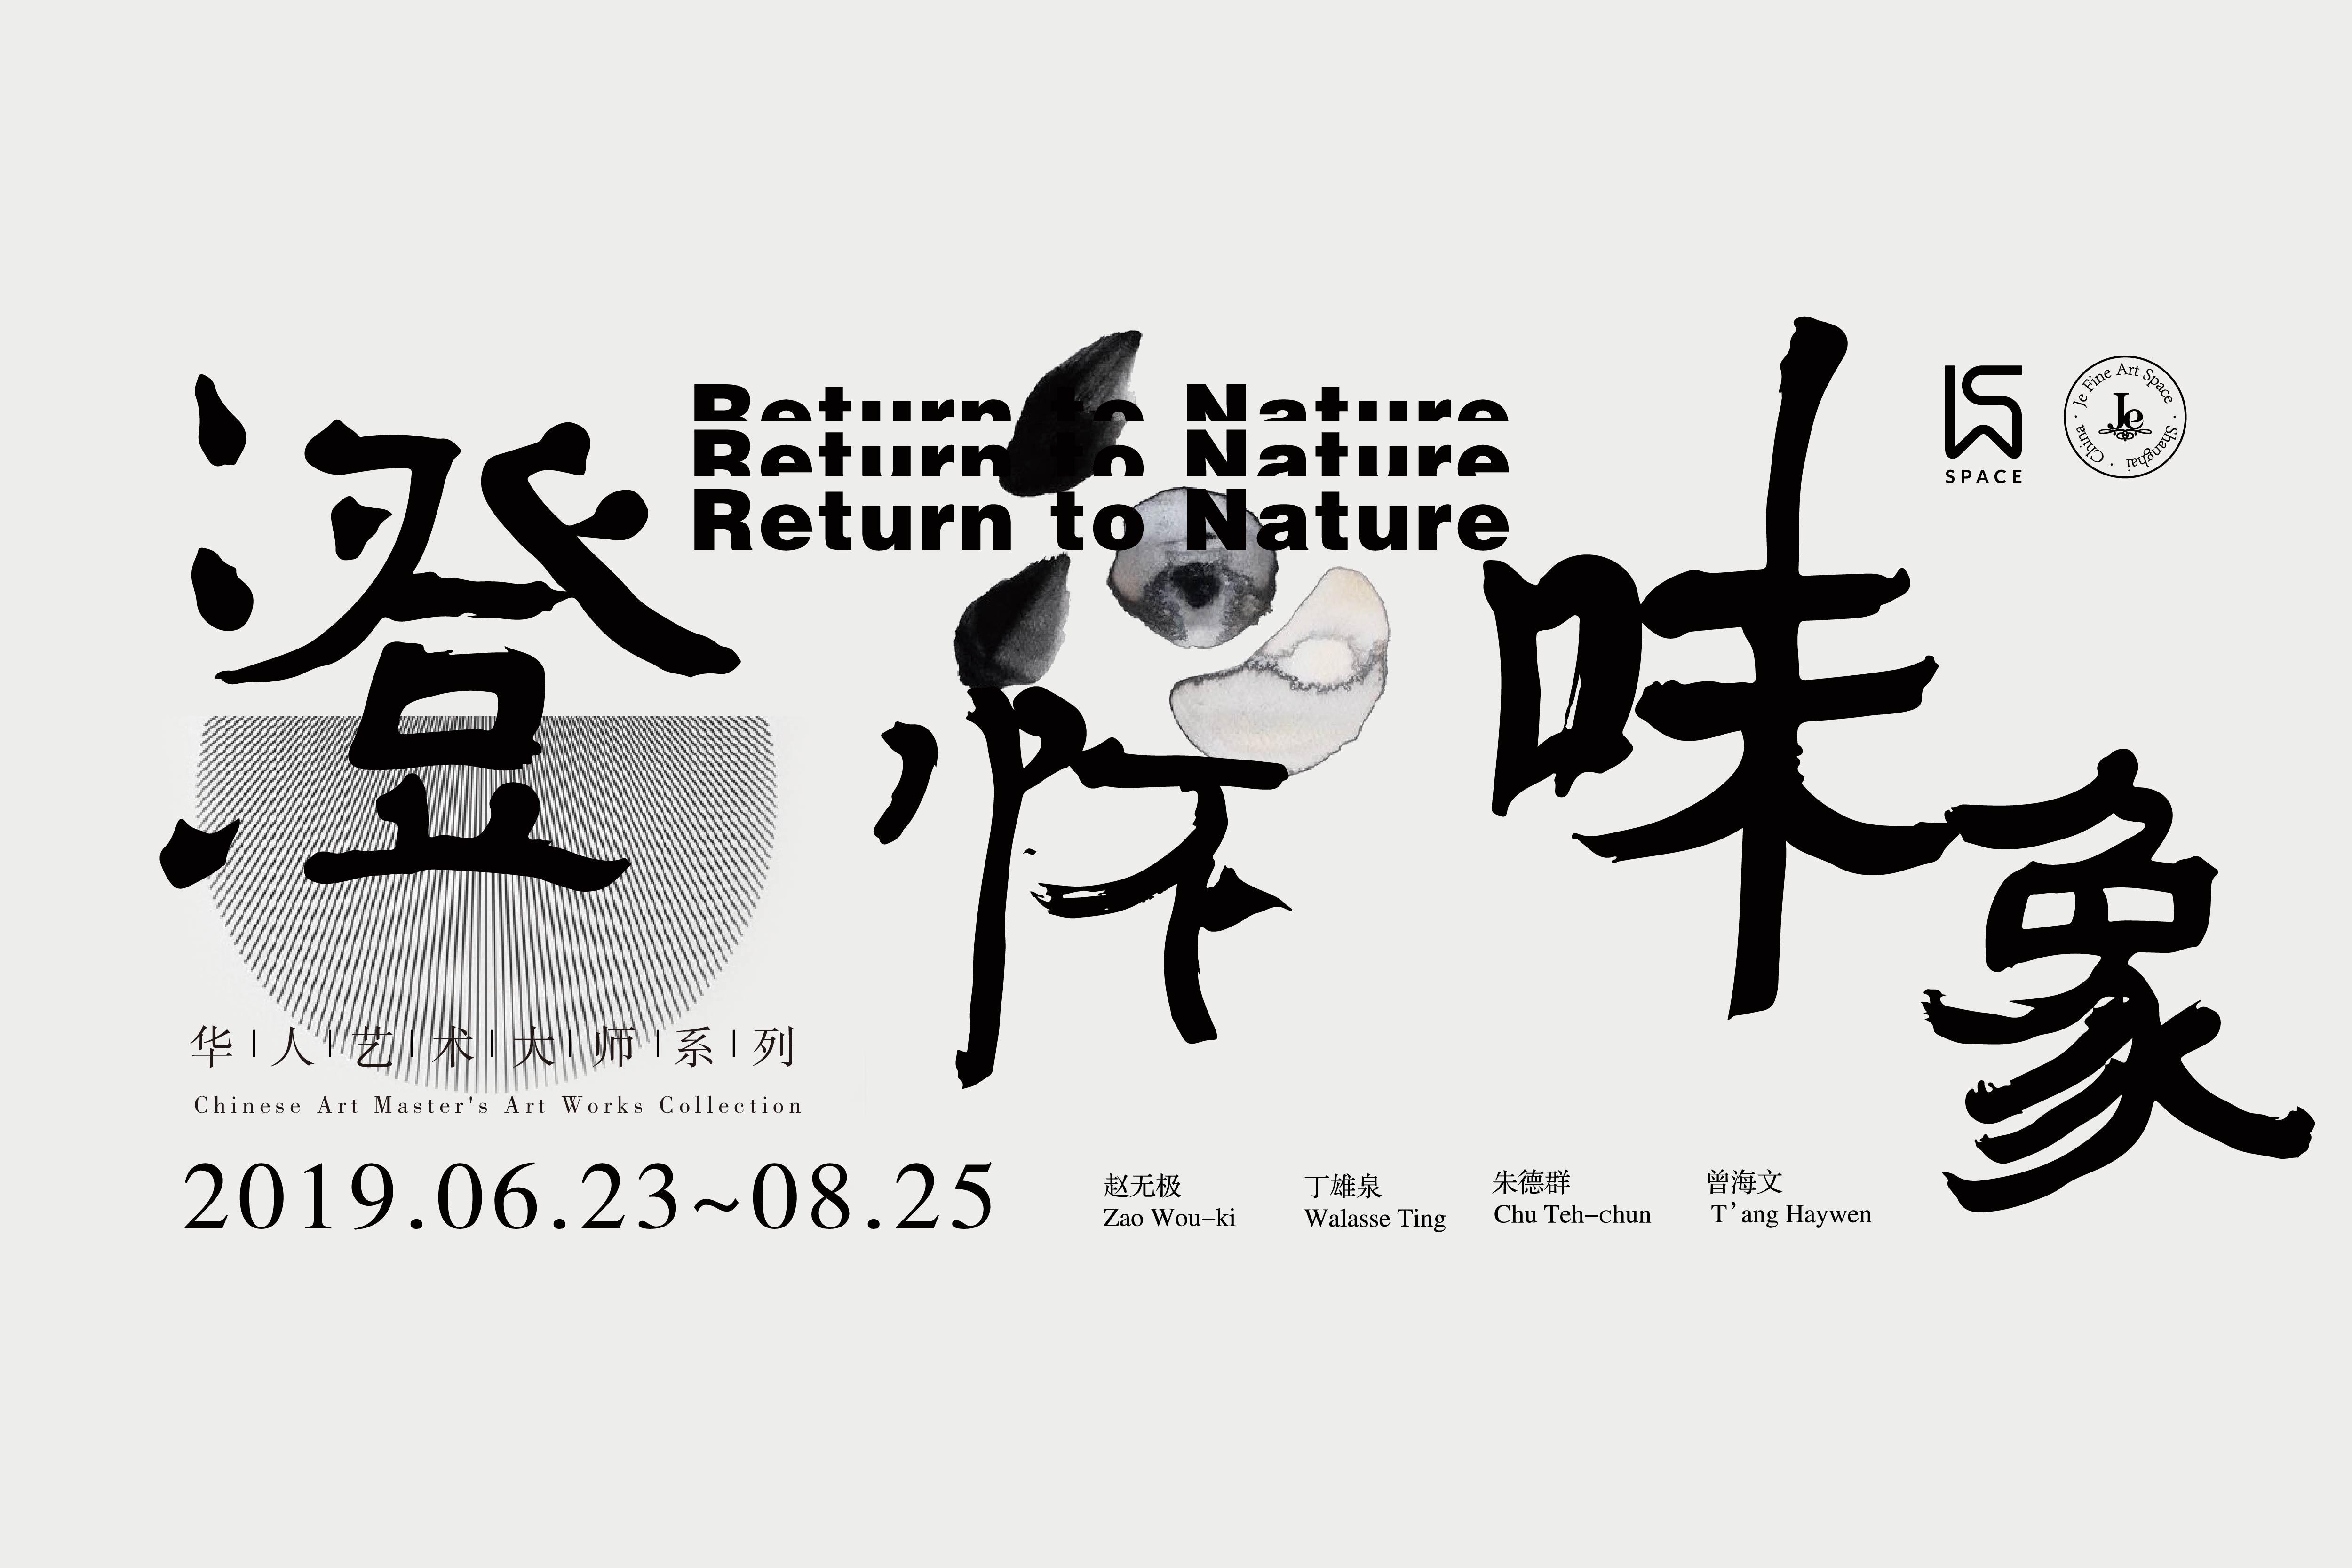 展讯: 澄怀味象 - 华人艺术大师系列Return to Nature